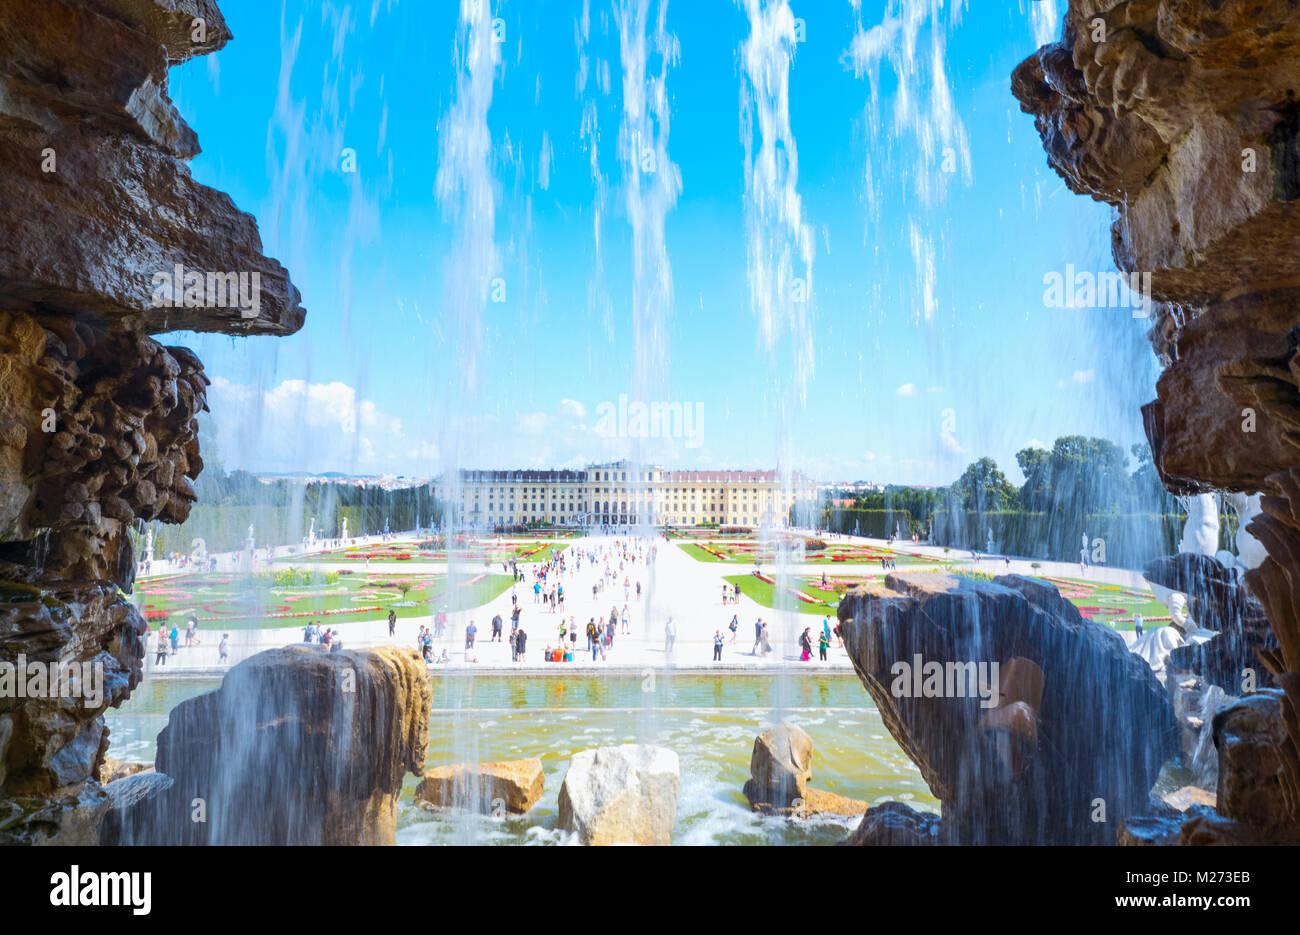 Austria, Vienna, il giardino e la facciata posteriore del Palazzo di Schonbrunn visto dalla fontana di Nettuno Immagini Stock